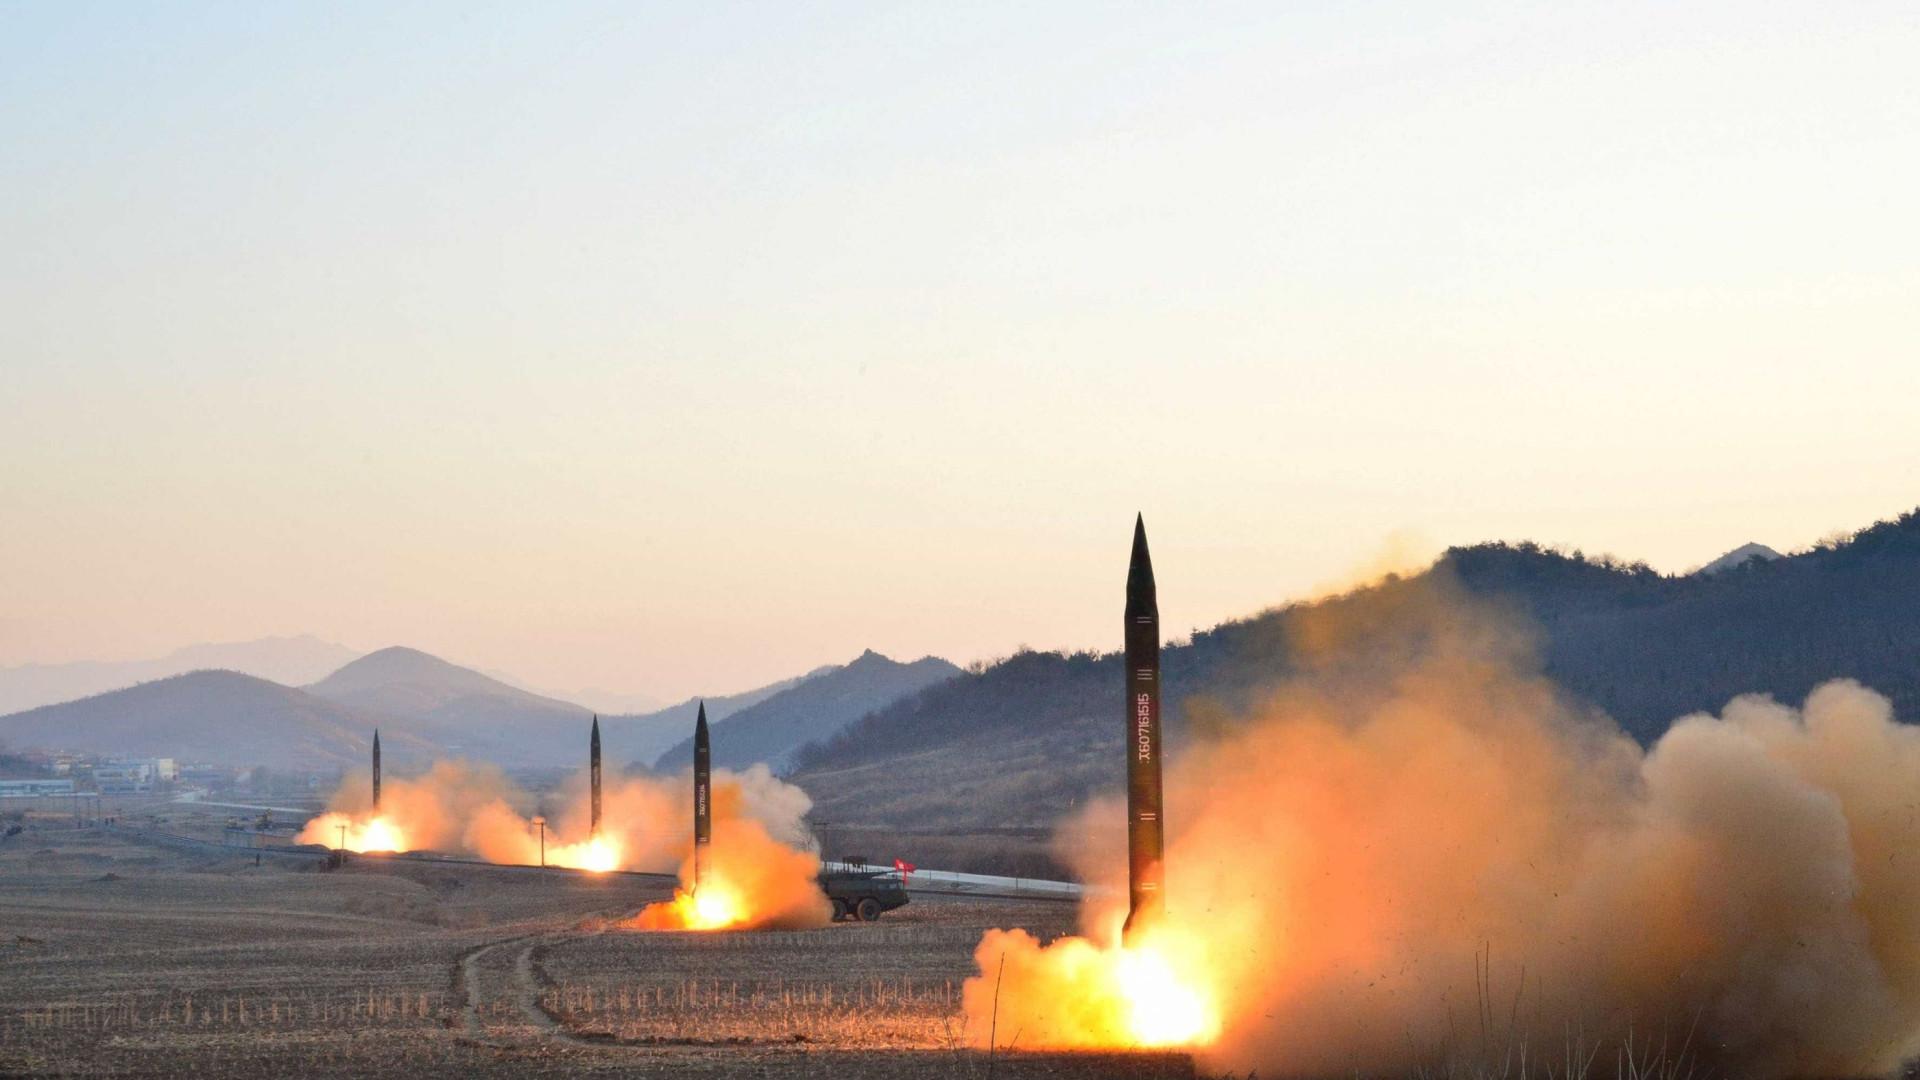 Imagens mostram teste de novos mísseis da Coreia do Norte